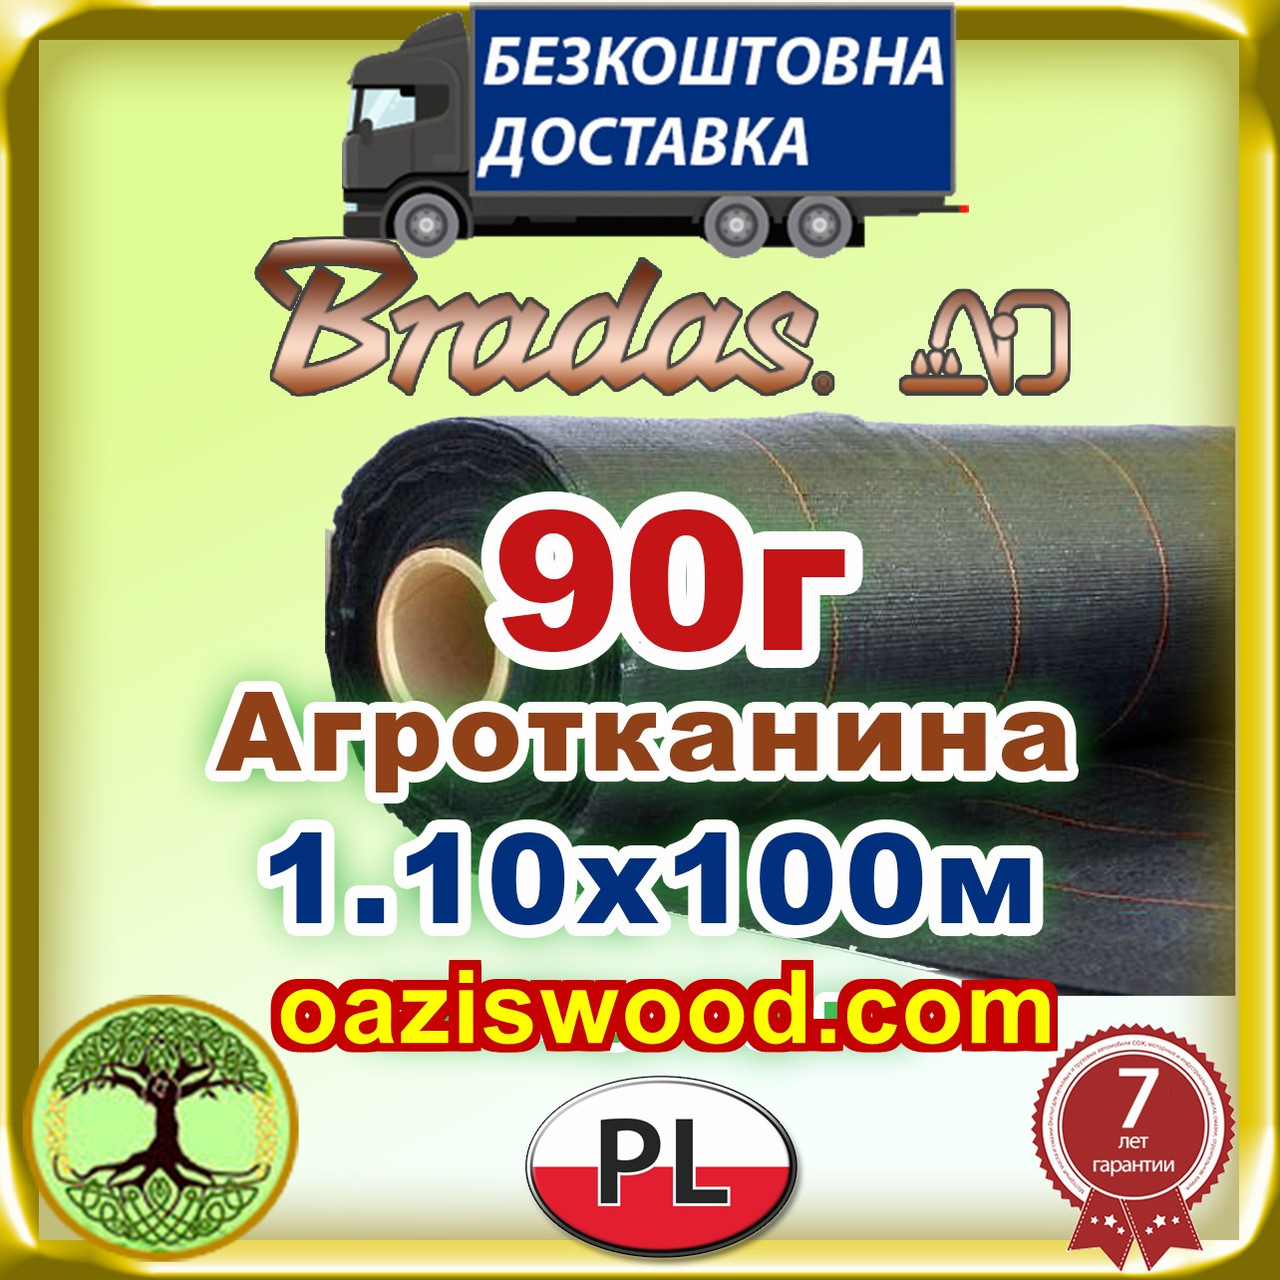 Агротканина 1,1 * 100м 90г/м² BRADAS плетена, чорна, щільна. Мульчування грунту на 7-10 років